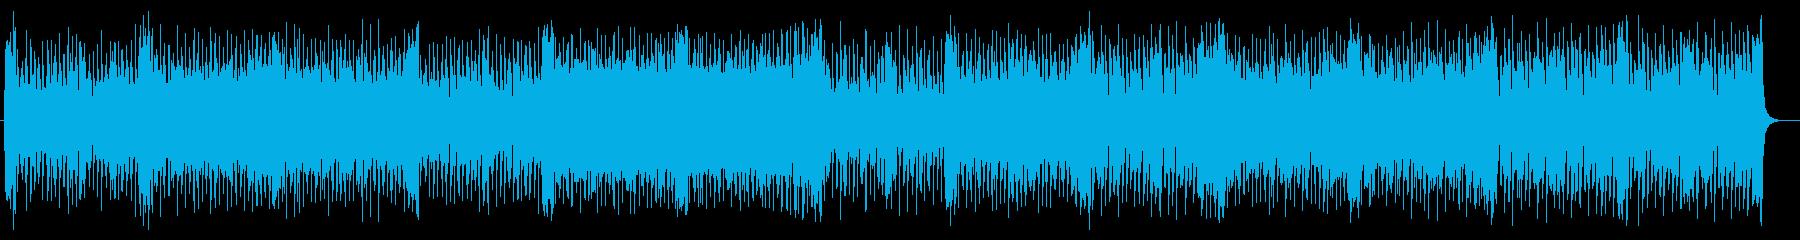 現代的で軽やかなシンセサイザーのポップスの再生済みの波形